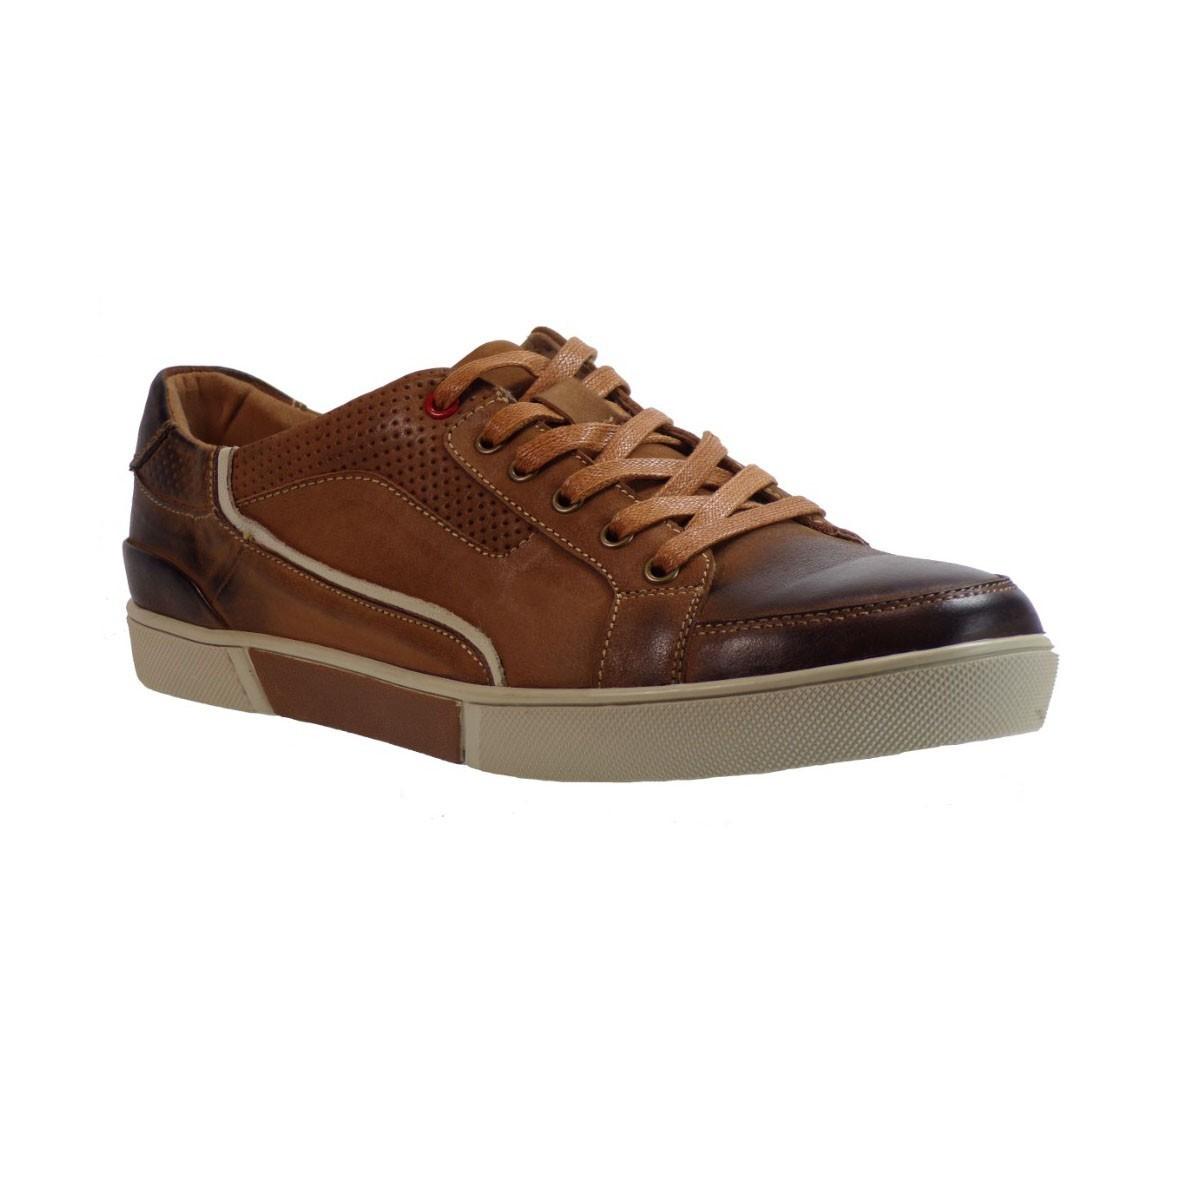 EGO Ανδρικά Παπούτσια Sneakers G18-05071 Κάμελ EGO G18-05071 Κάμελ